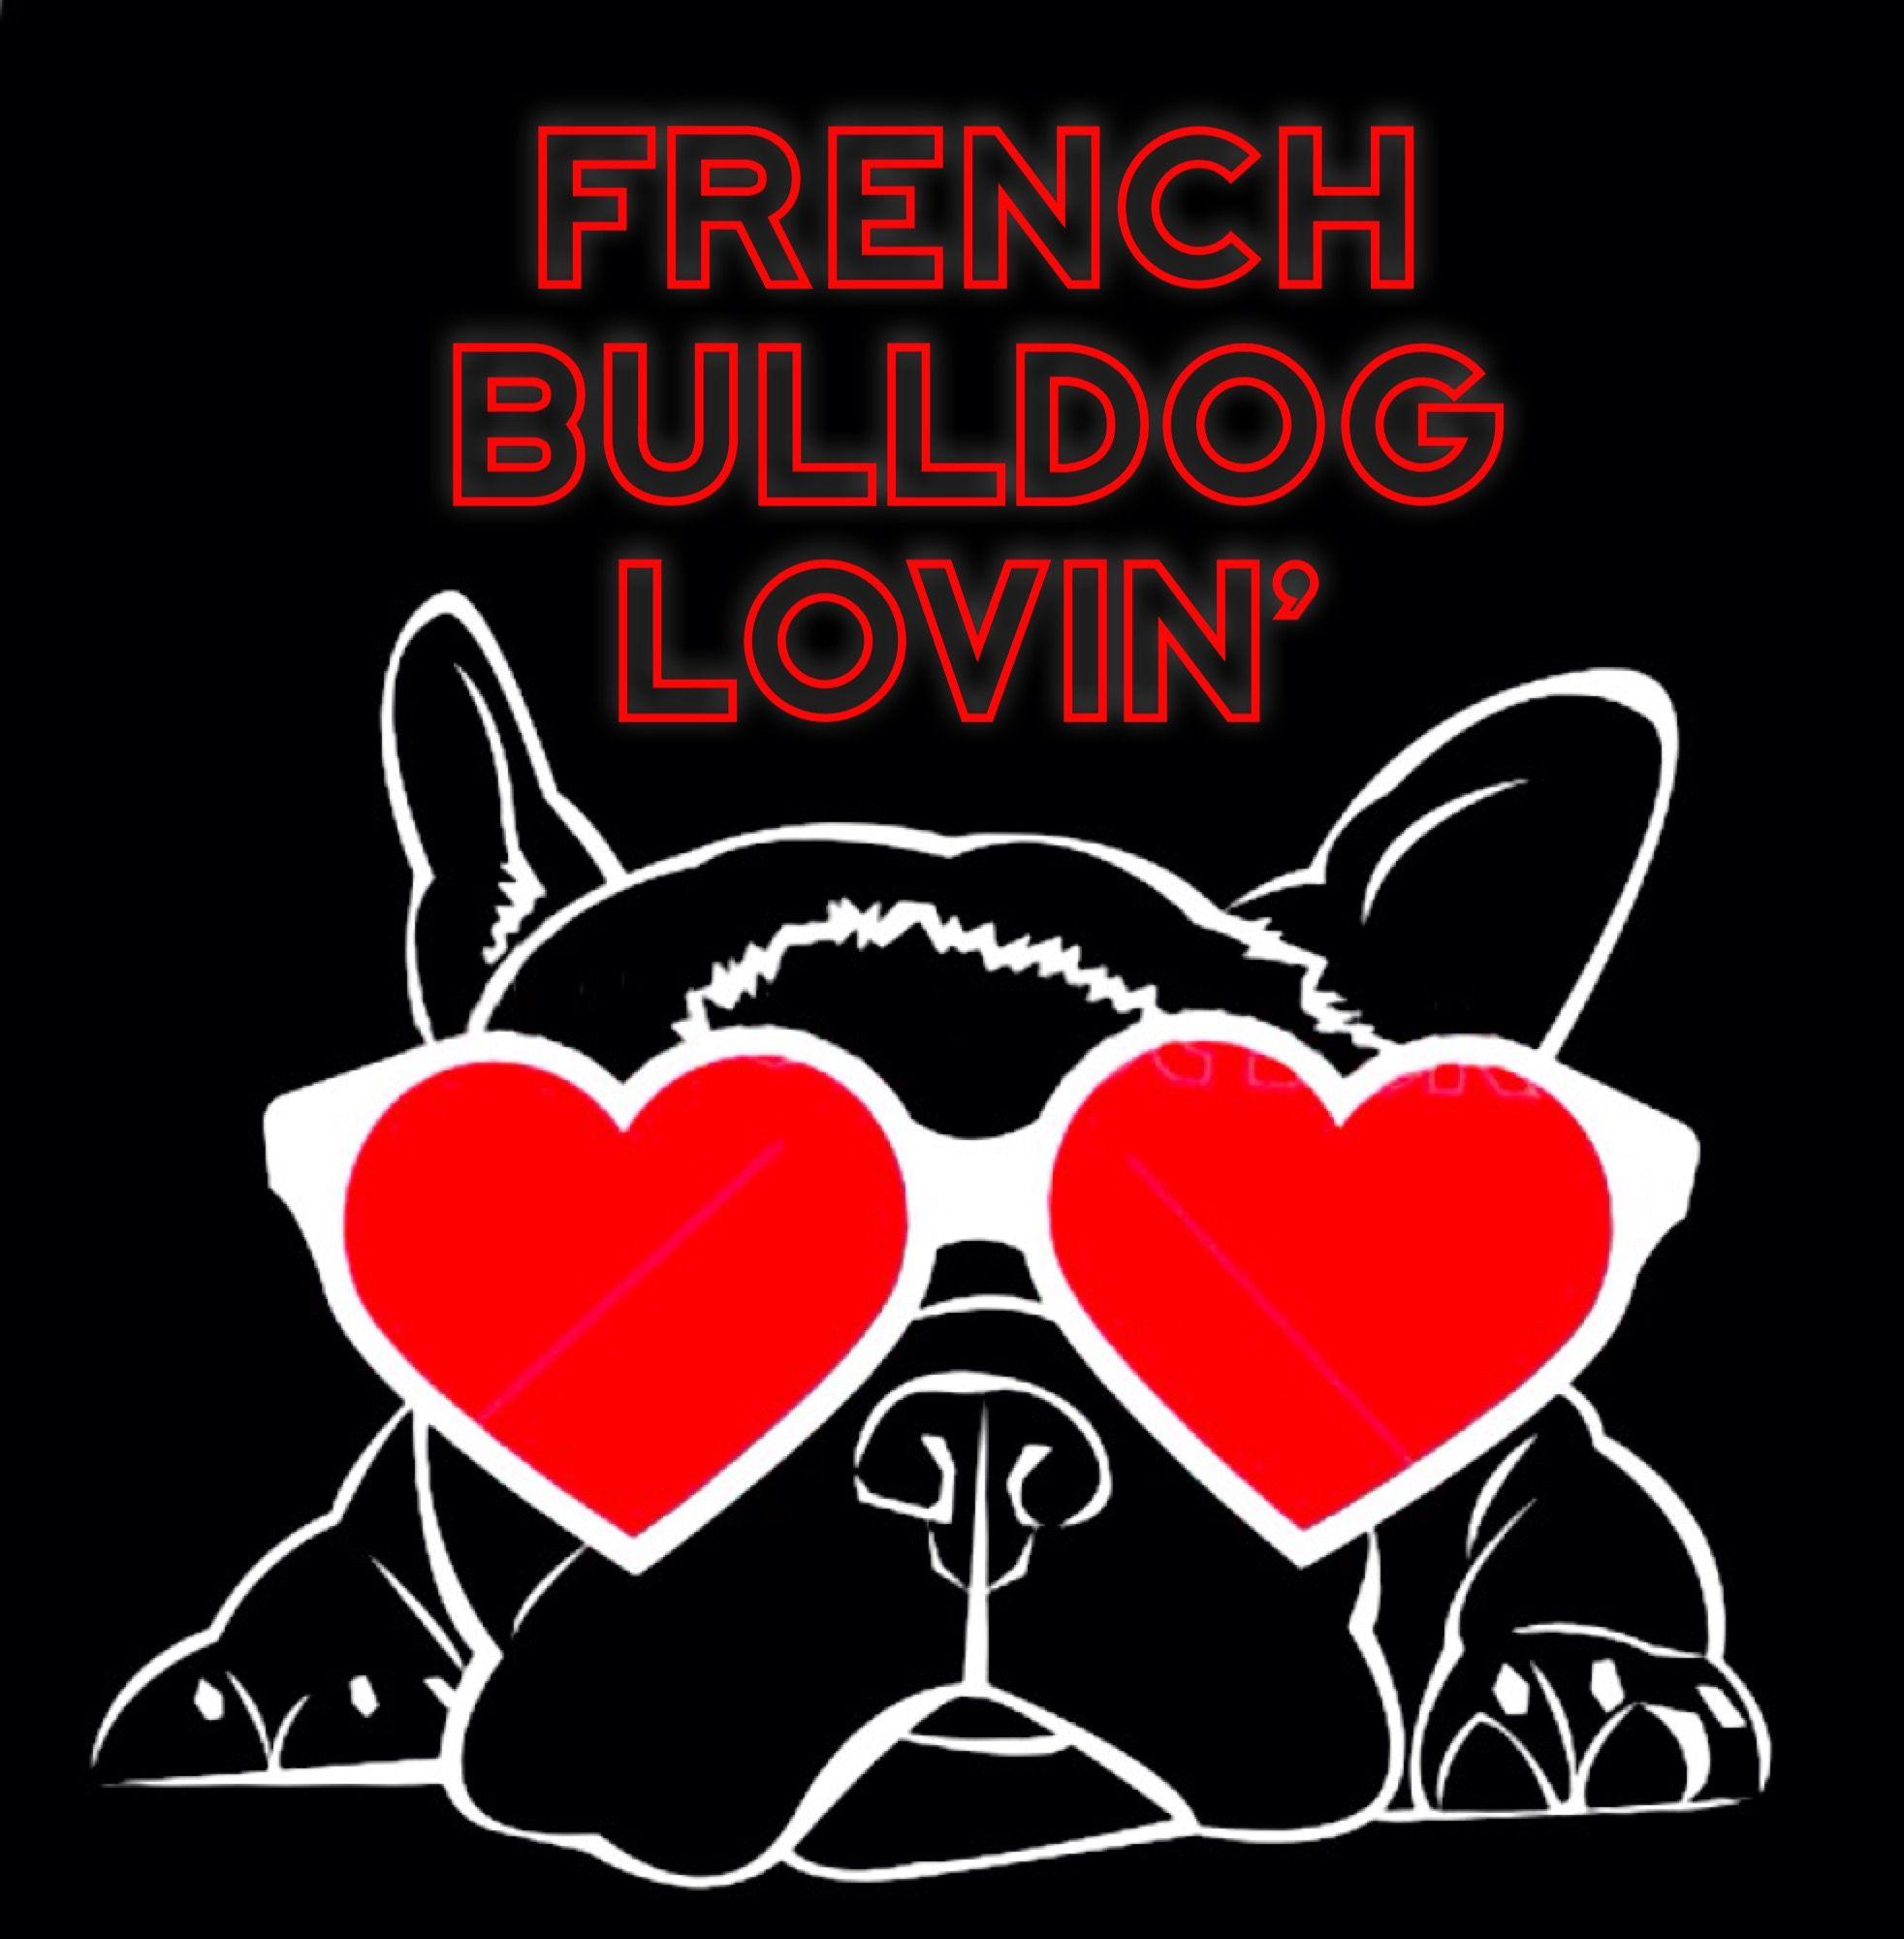 French Bulldog Lovin Illustration For Valentines Day French Bulldog Art Cute French Bulldog French Bulldog Puppies